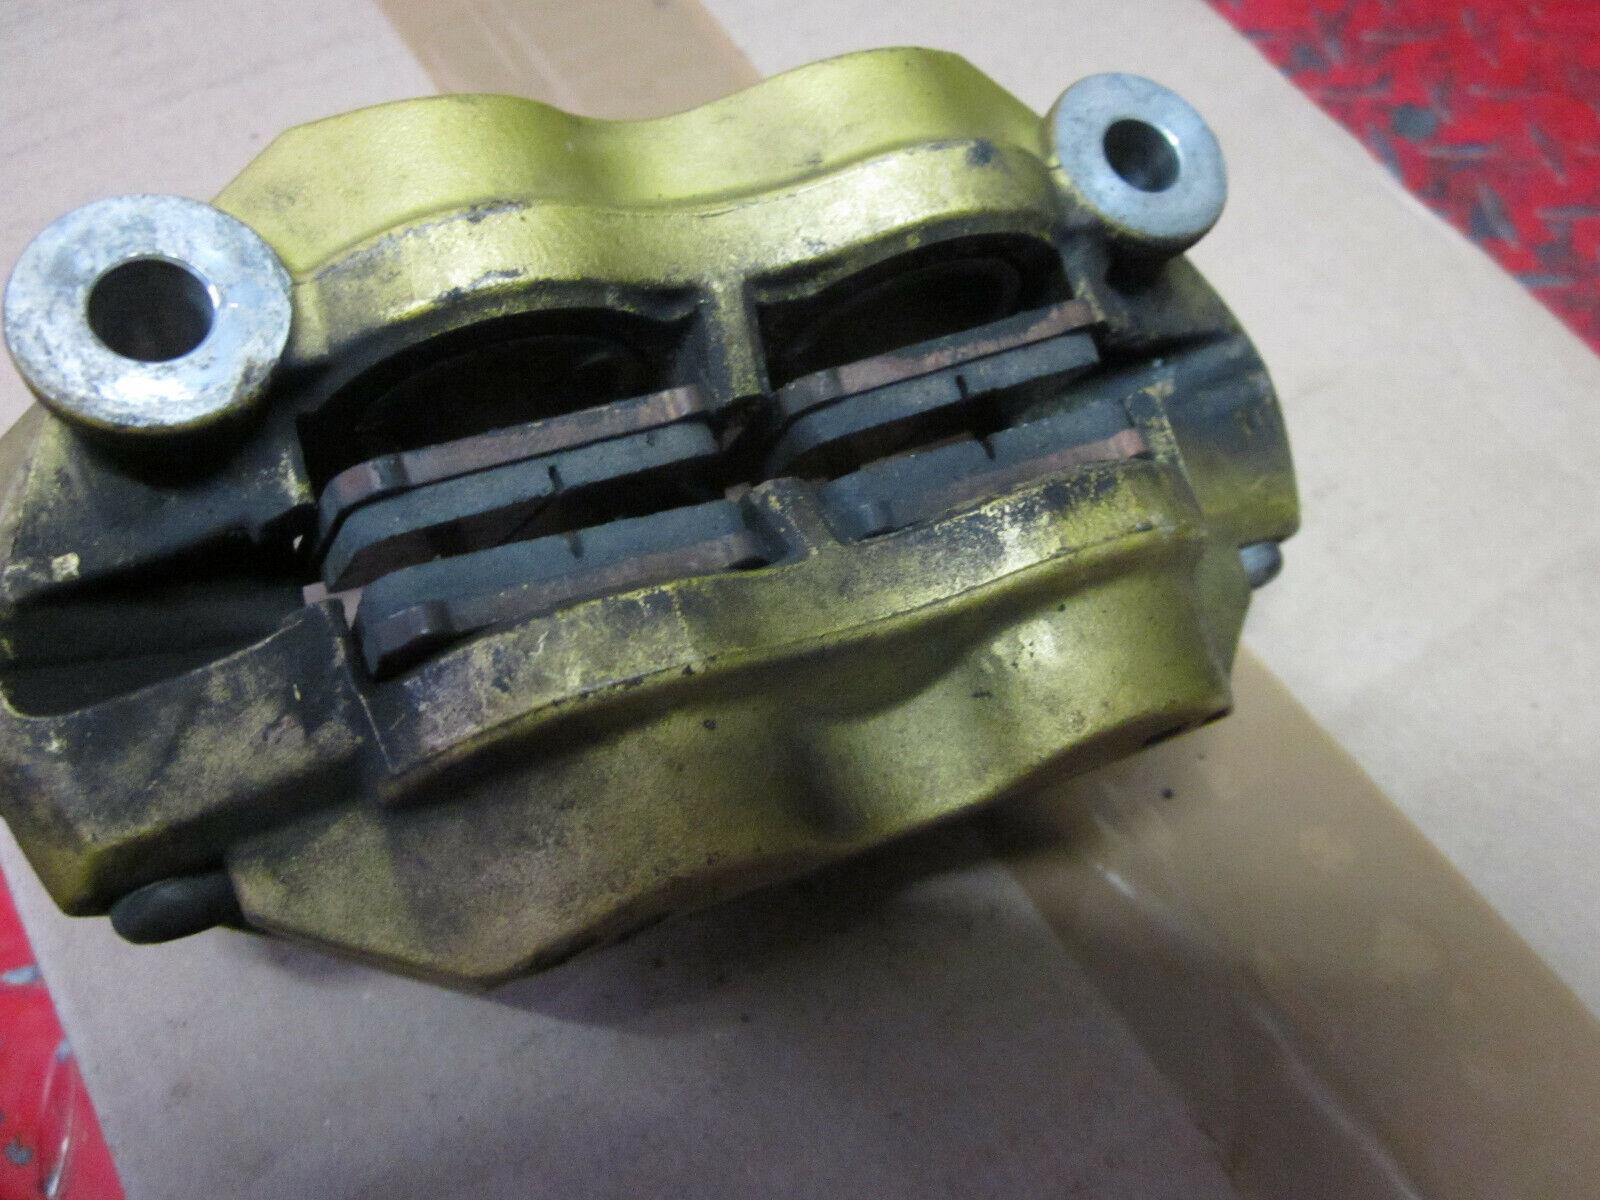 KR Bremssattel Reparatursatz BCF-318K,SUZUKI GSX-R 600 1997-00,TL 1000 S 1998-00